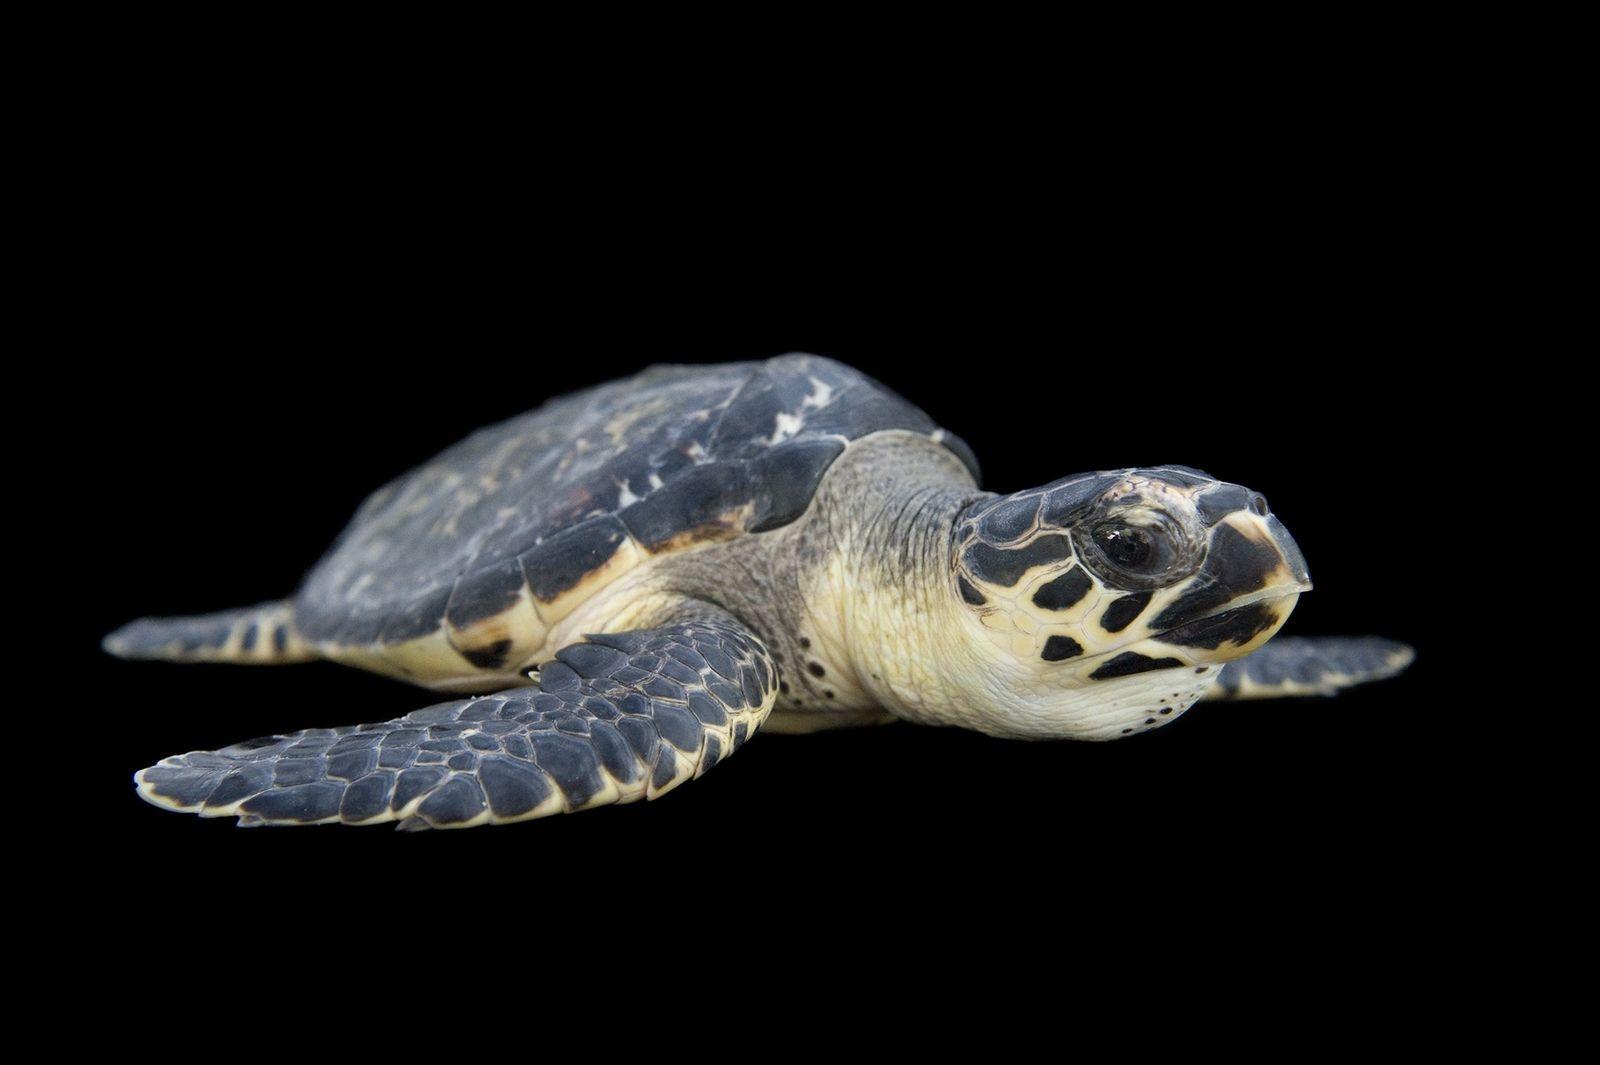 La tortuga carey, en peligro crítico de extinción, es un animal sumamente migratorio que vive en ...